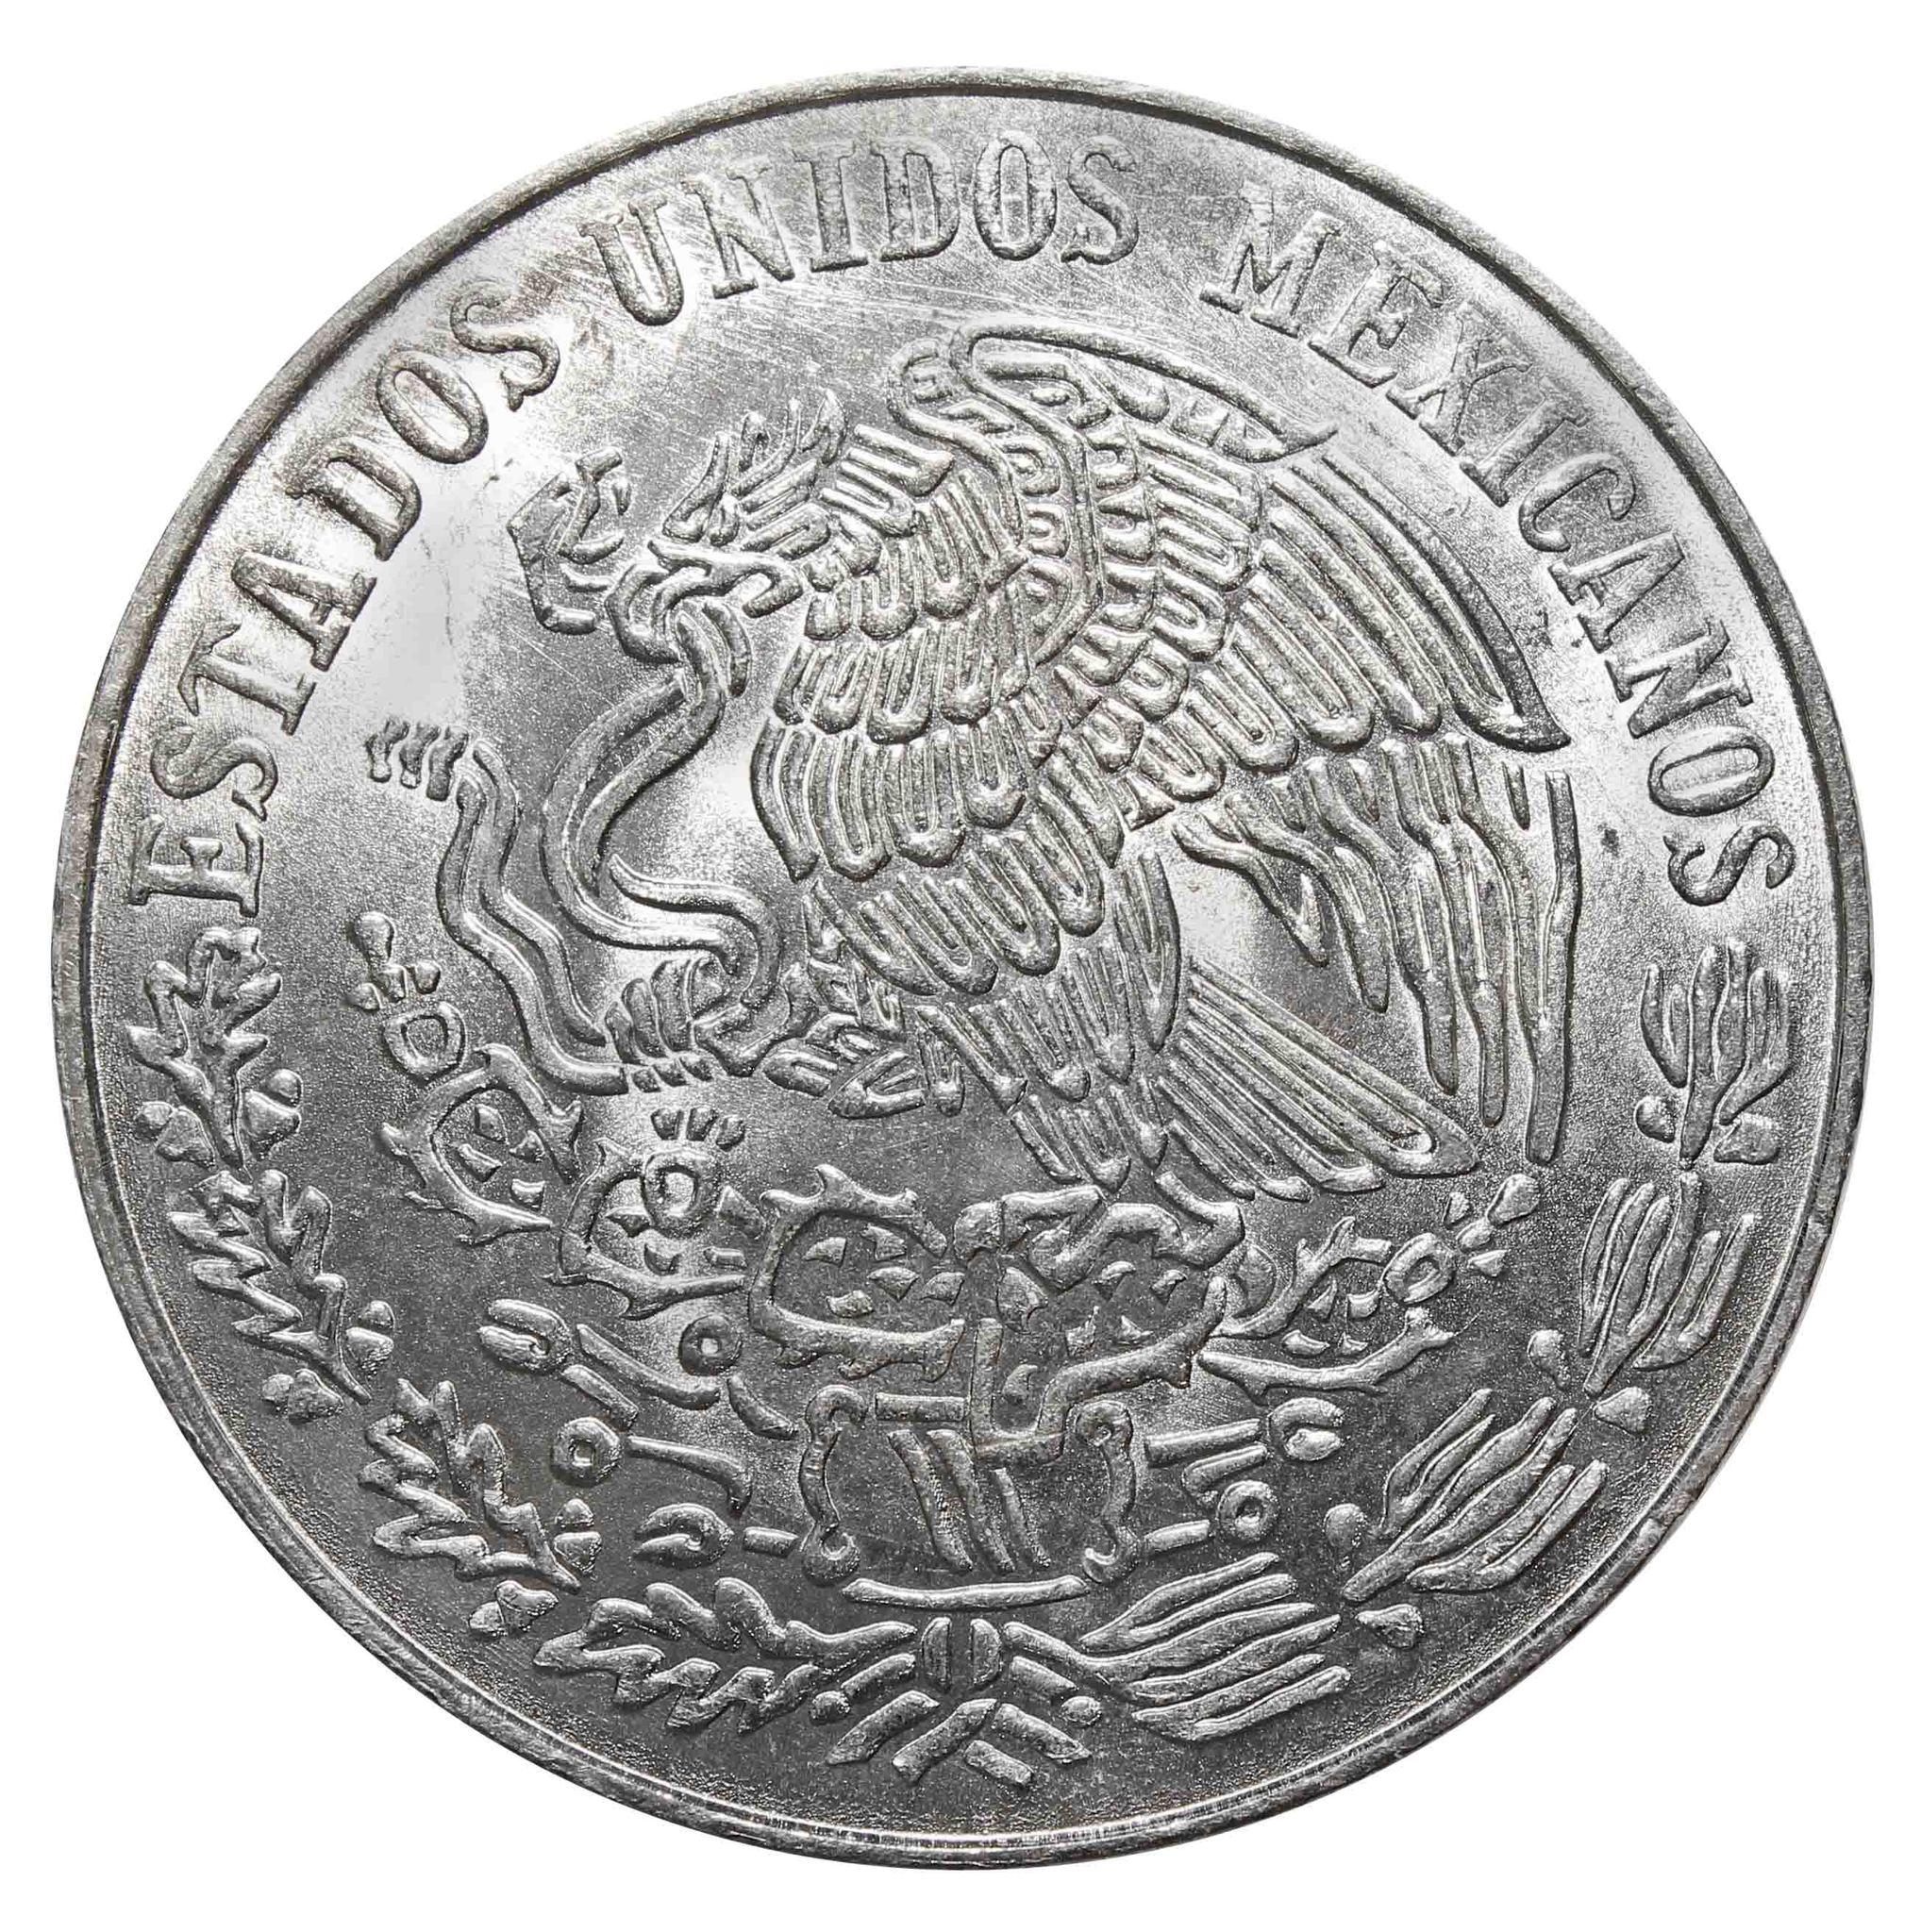 25 песо. 100 лет со дня смерти Бенито Хуареса. 1972 год. Серебро. AU